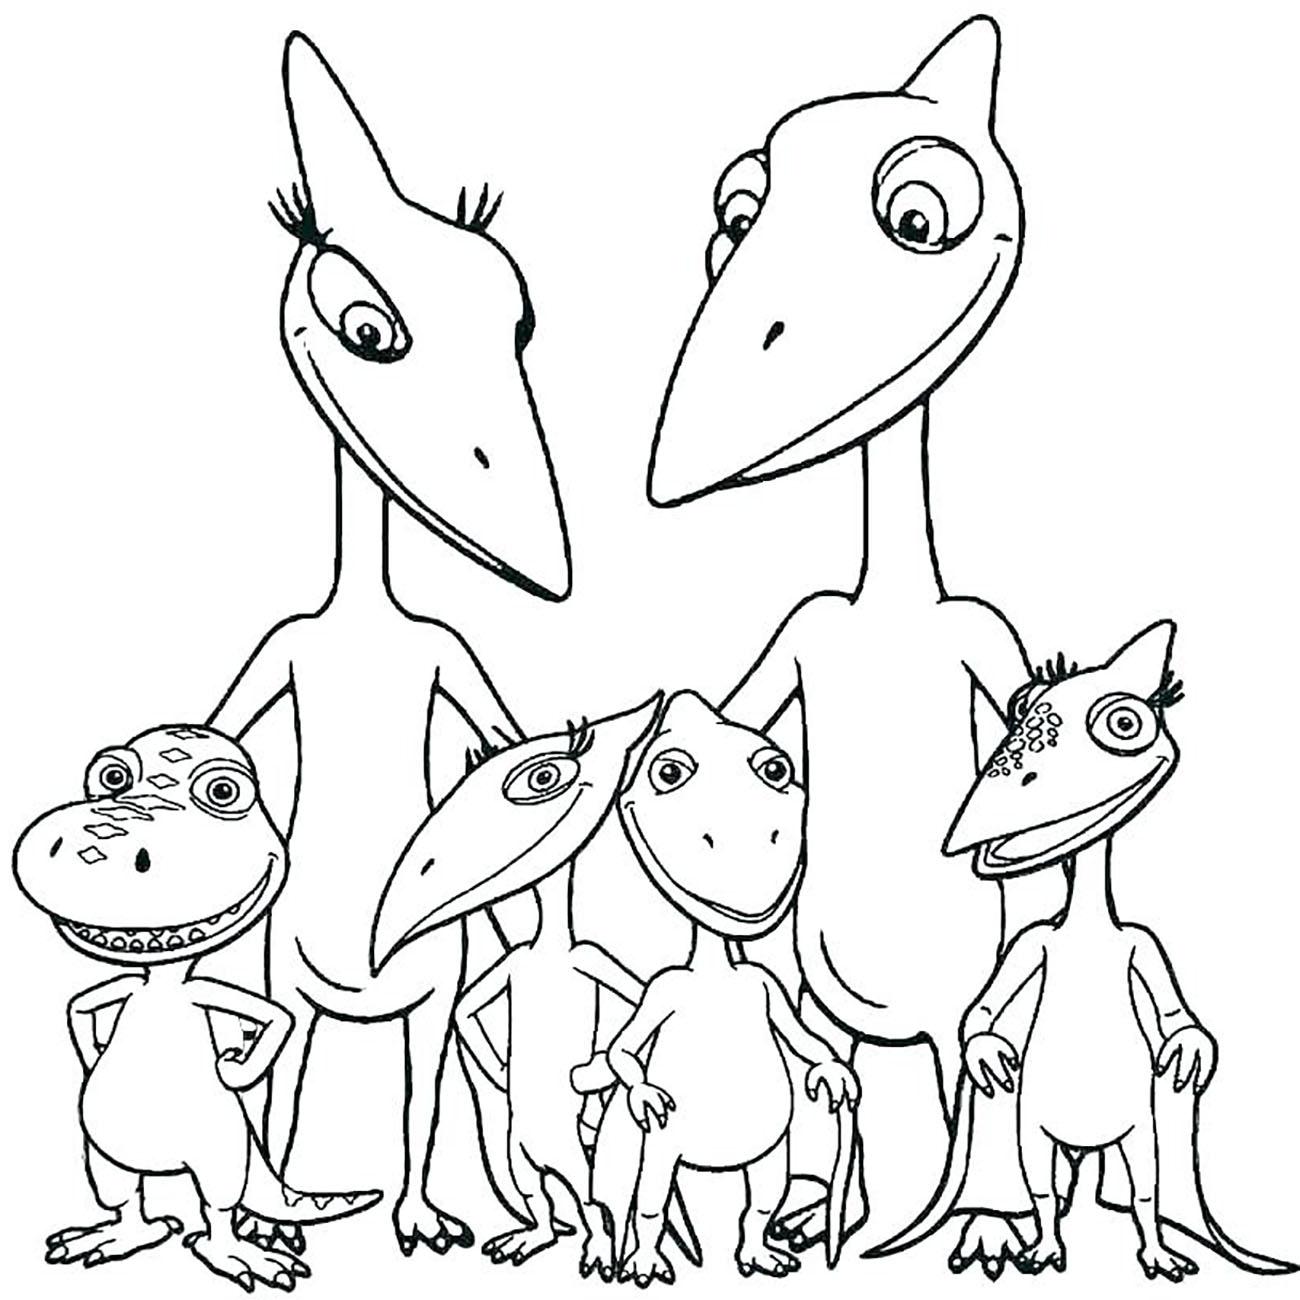 Coloriage d'une famille de dinosaures